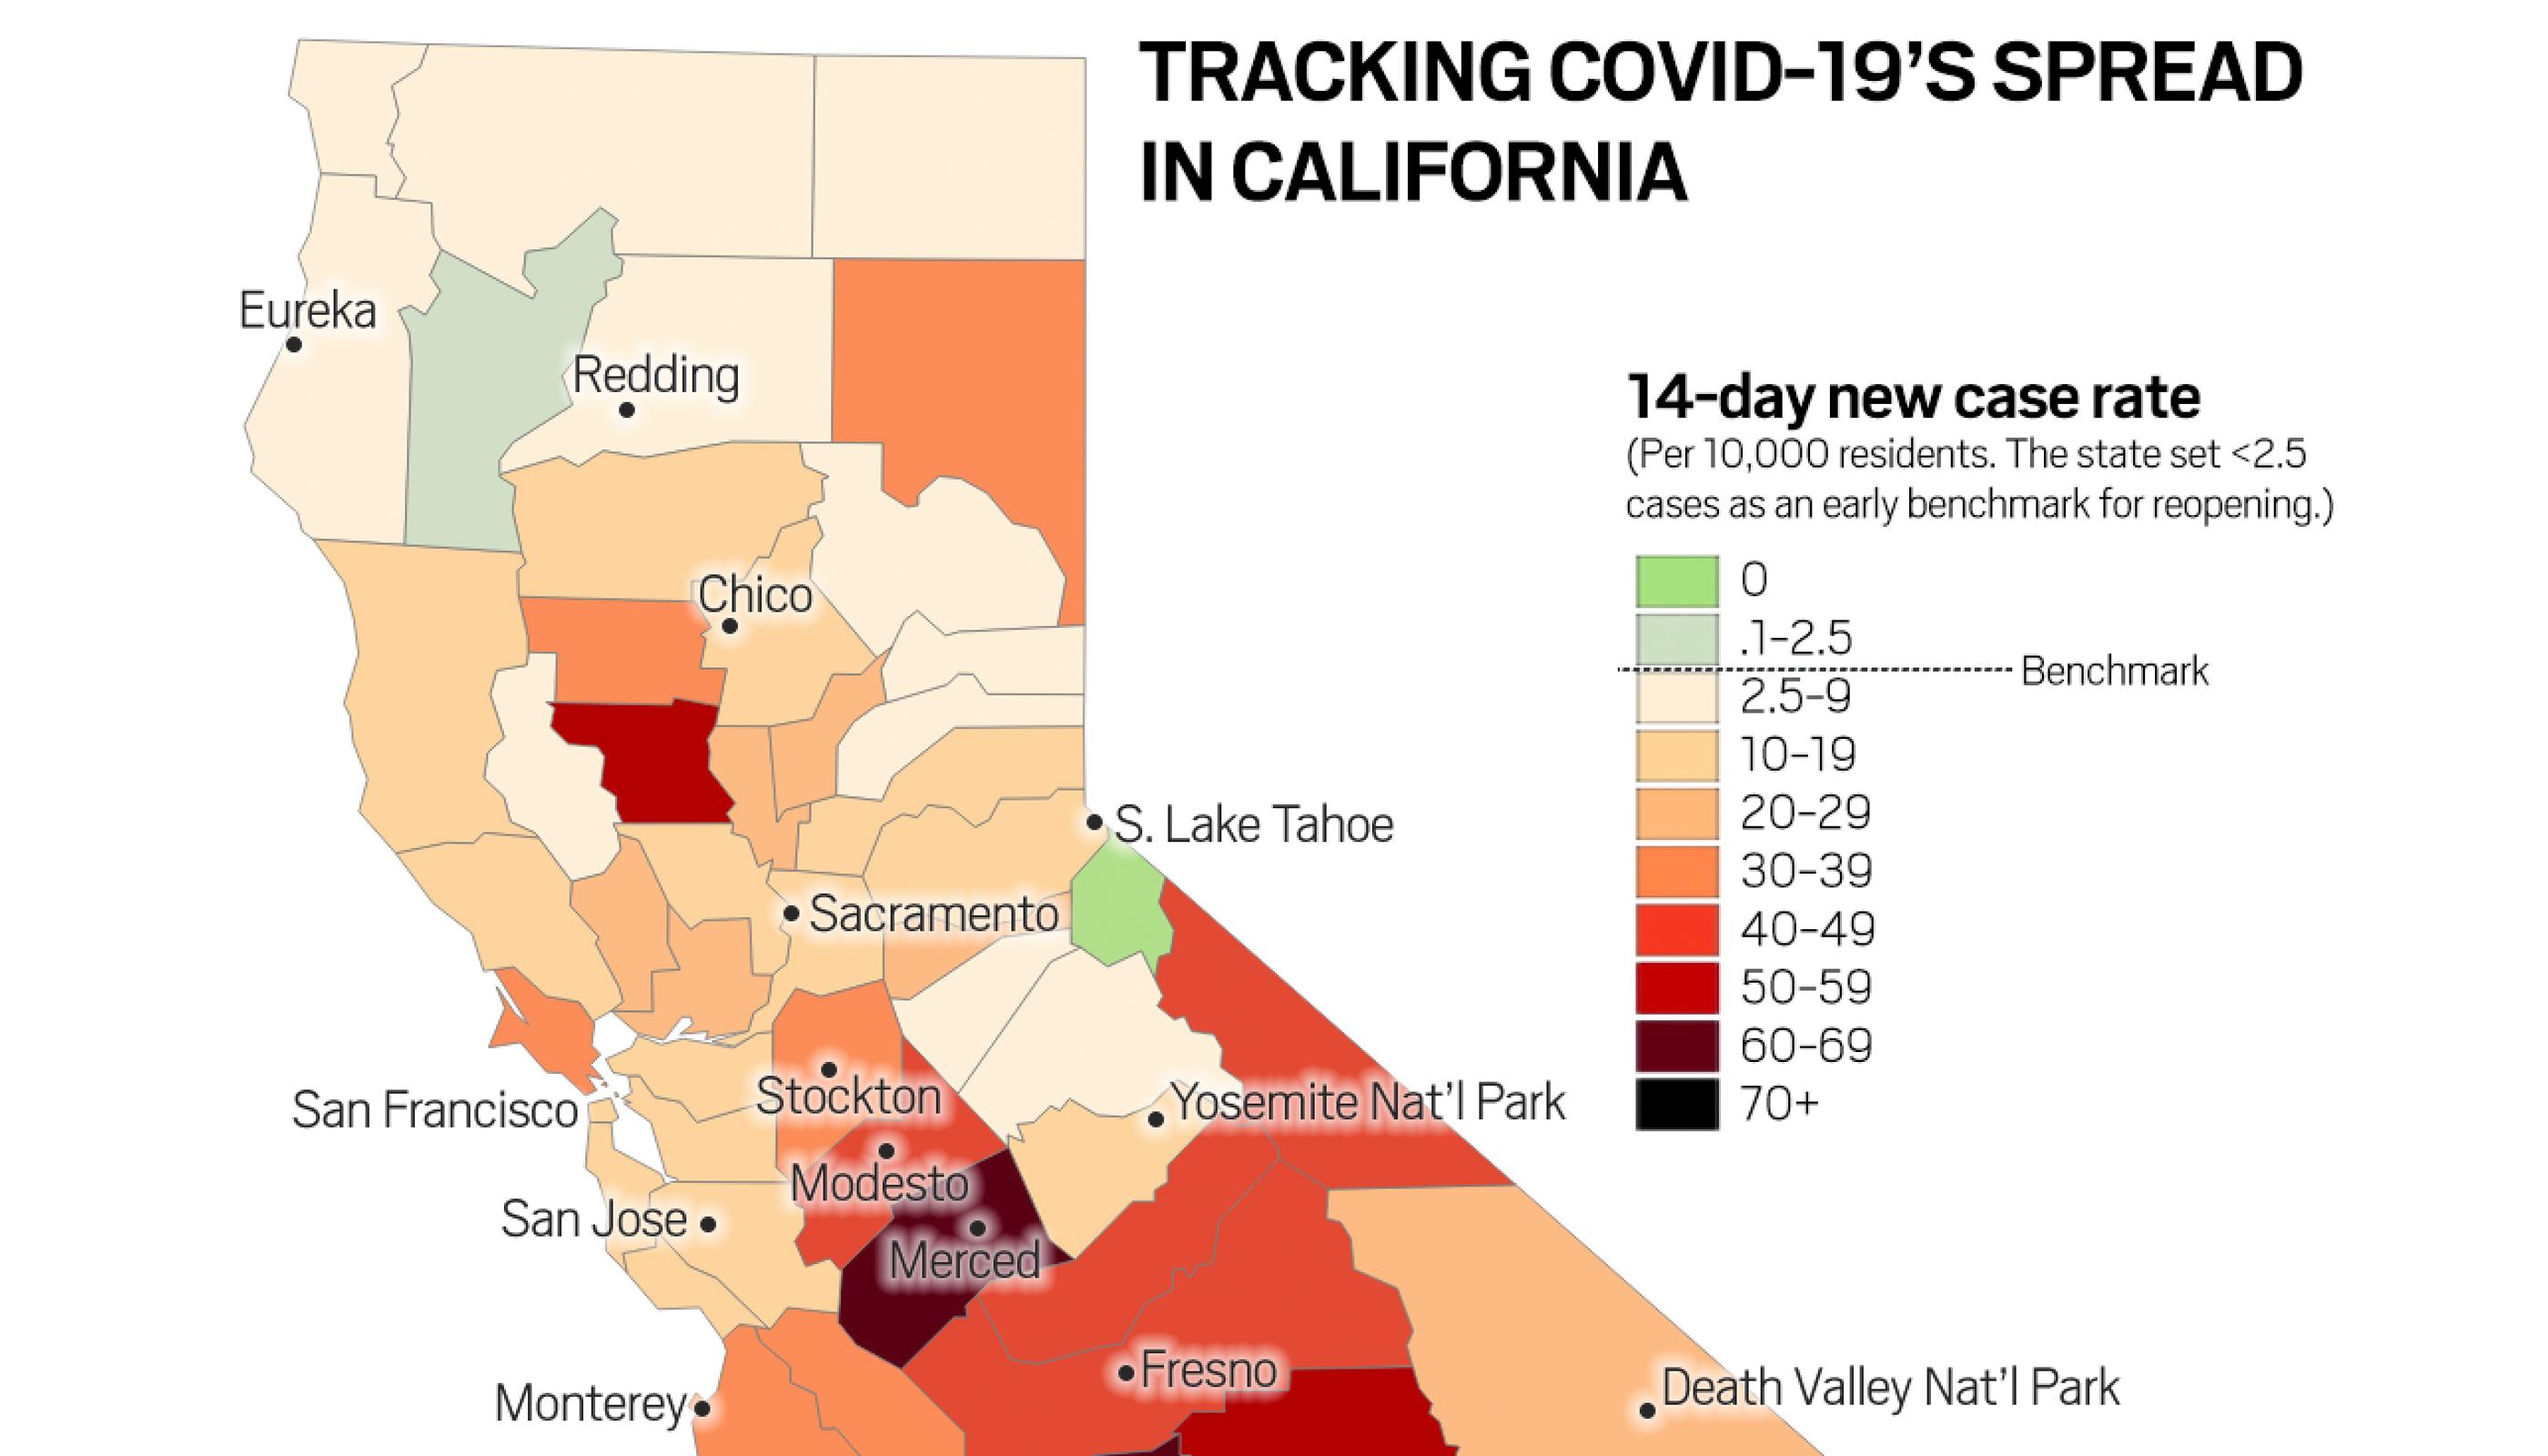 加州新冠状阳性率,住院人数和死亡人数呈下降趋势